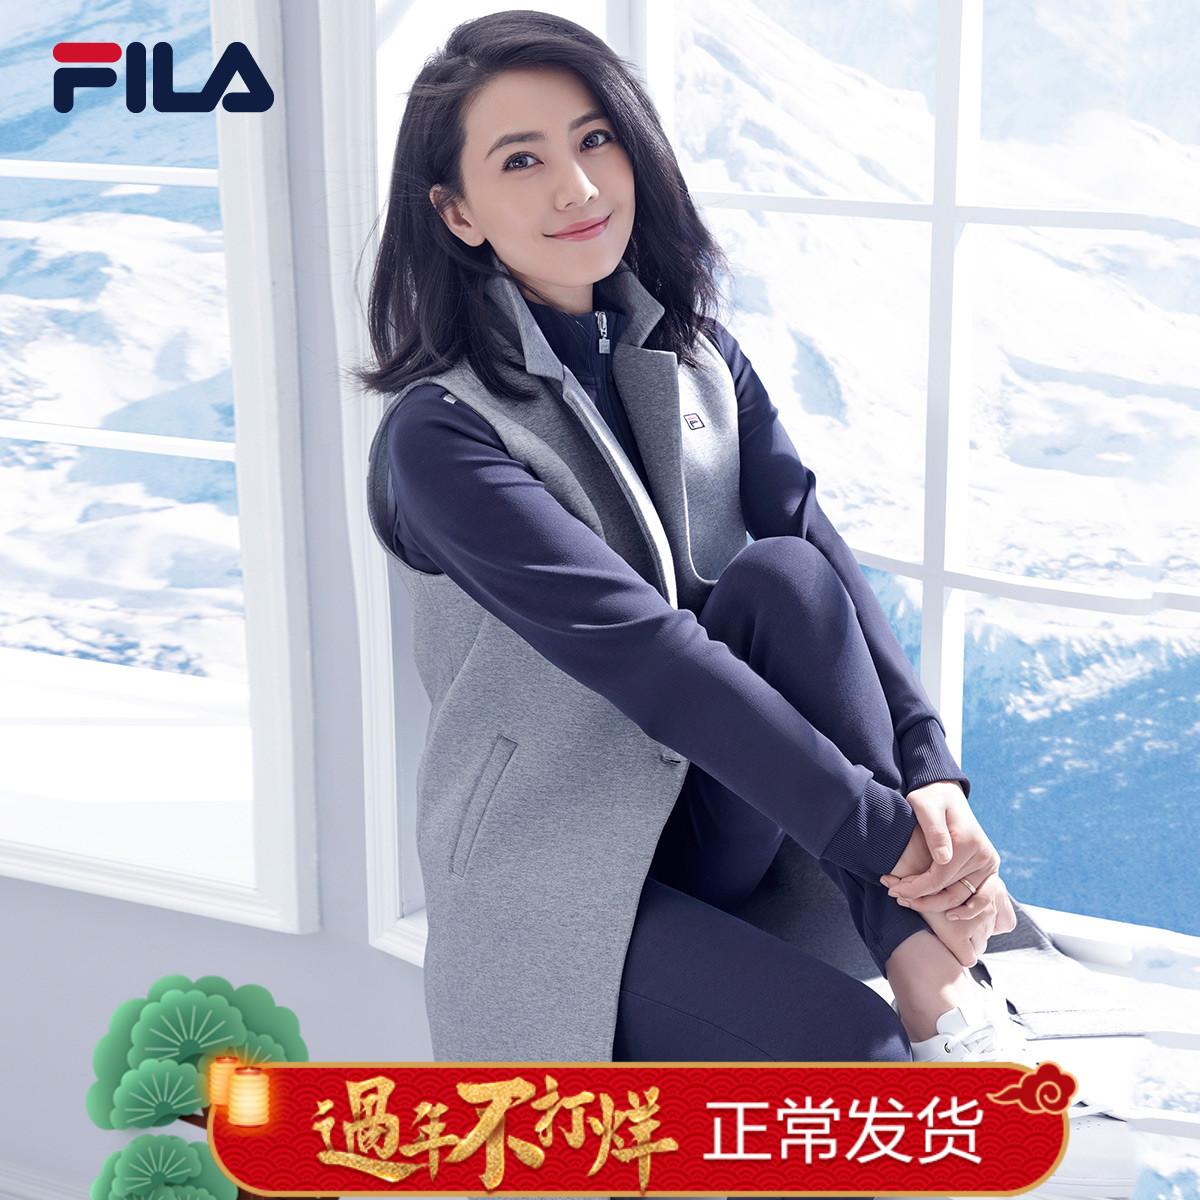 FILA фиджи музыка женский длинный модель жилет высокая круглая круглый в этом же моделье 2017 год зимнее обновление свет качество мода движение пальто женщина